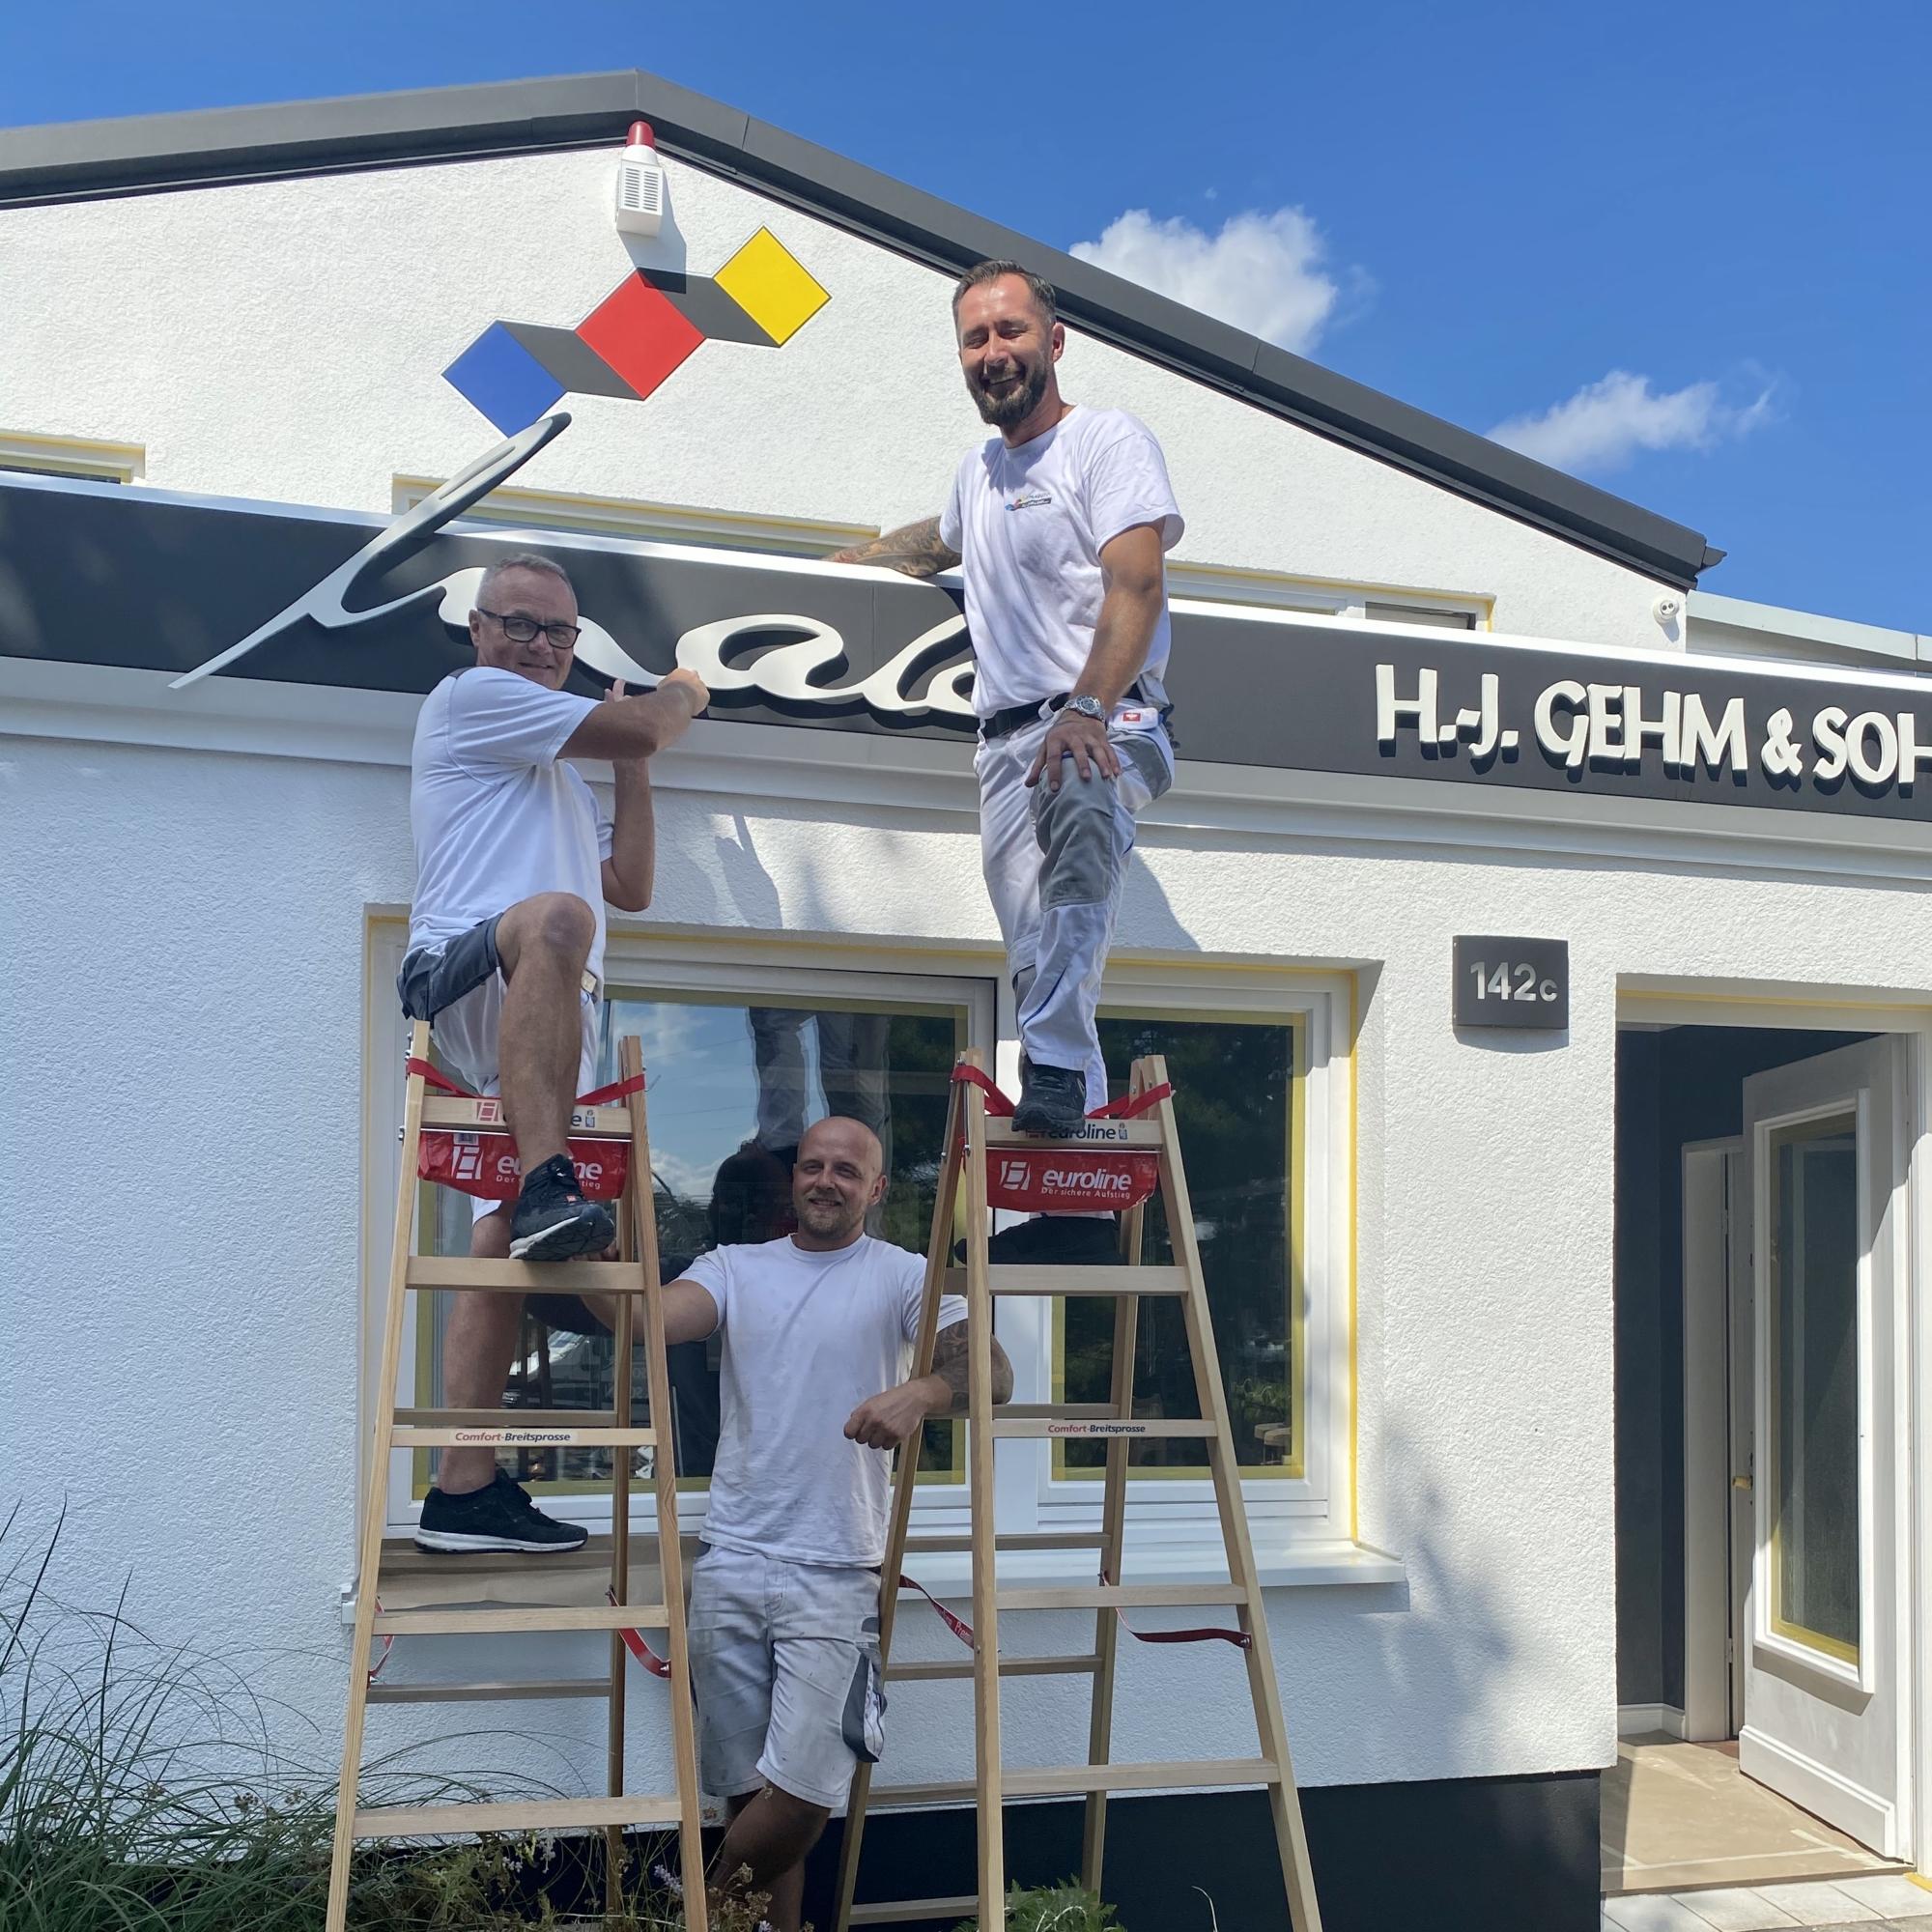 Maler-für-Wedel-und-Hamburg-Wir-bei-der-Arbeit-Büro-Fassade